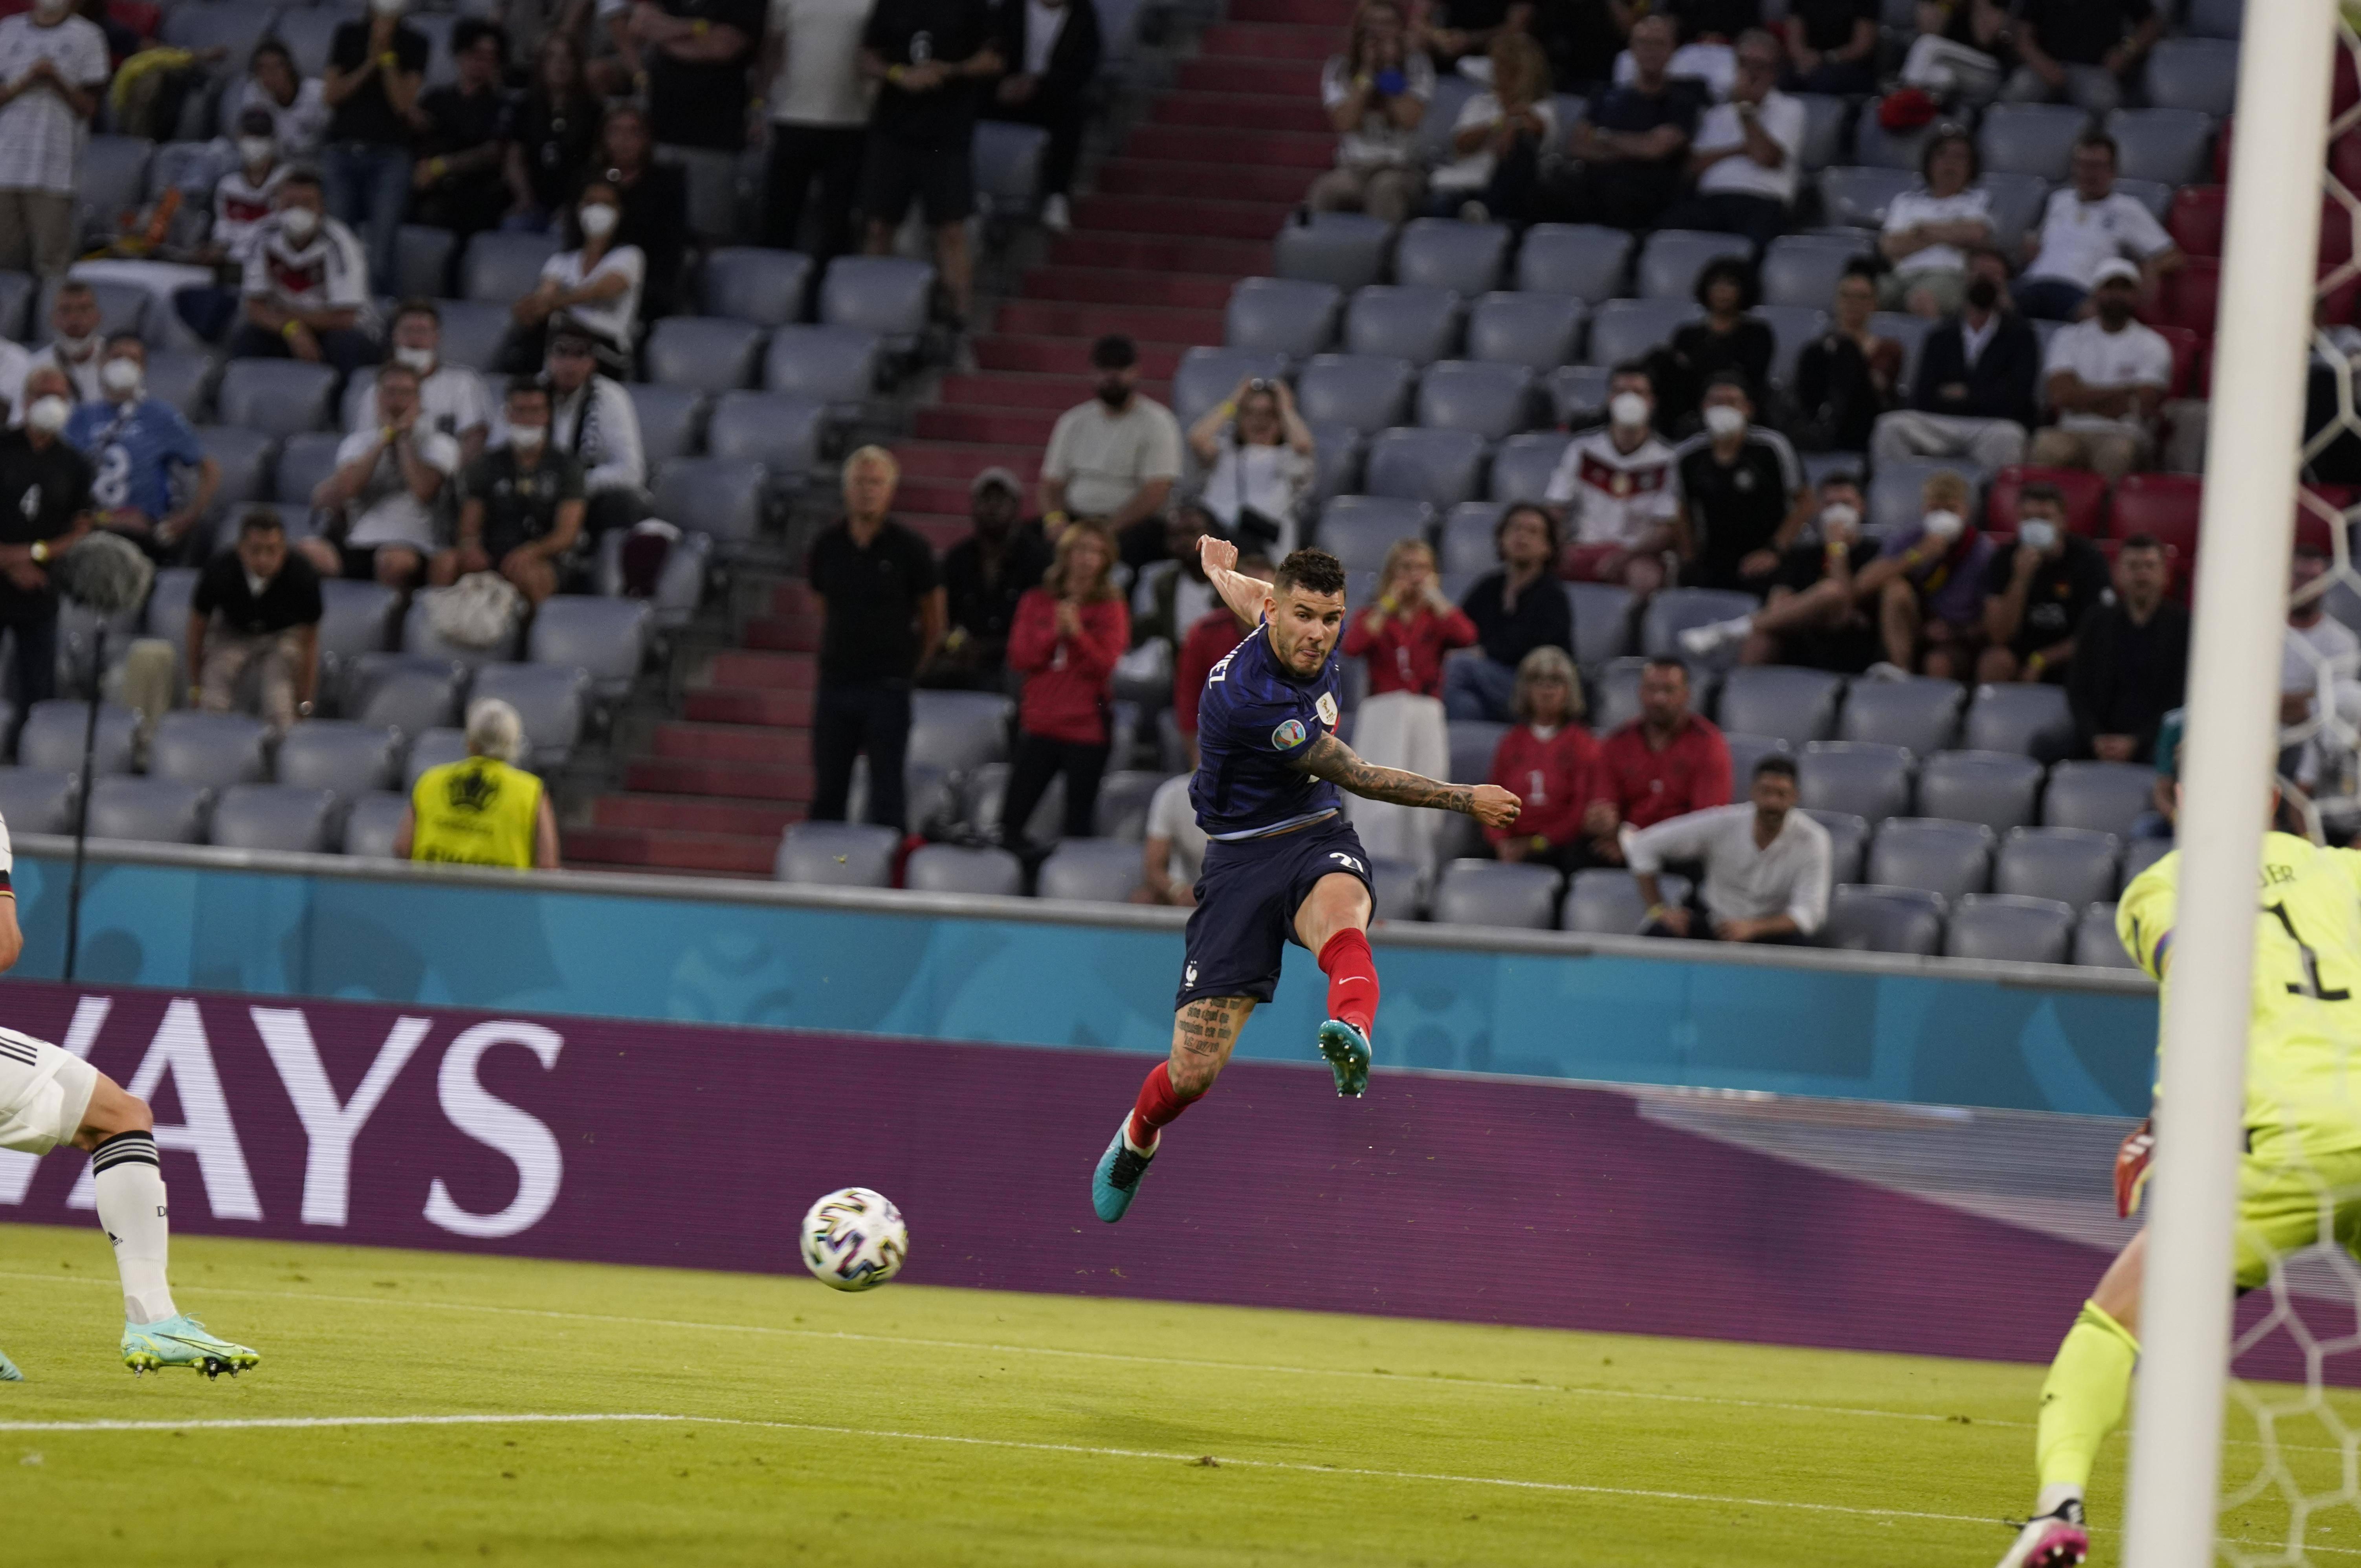 Trouvé sur l'aile gauche, Lucas Hernandez centre fort devant le but allemand